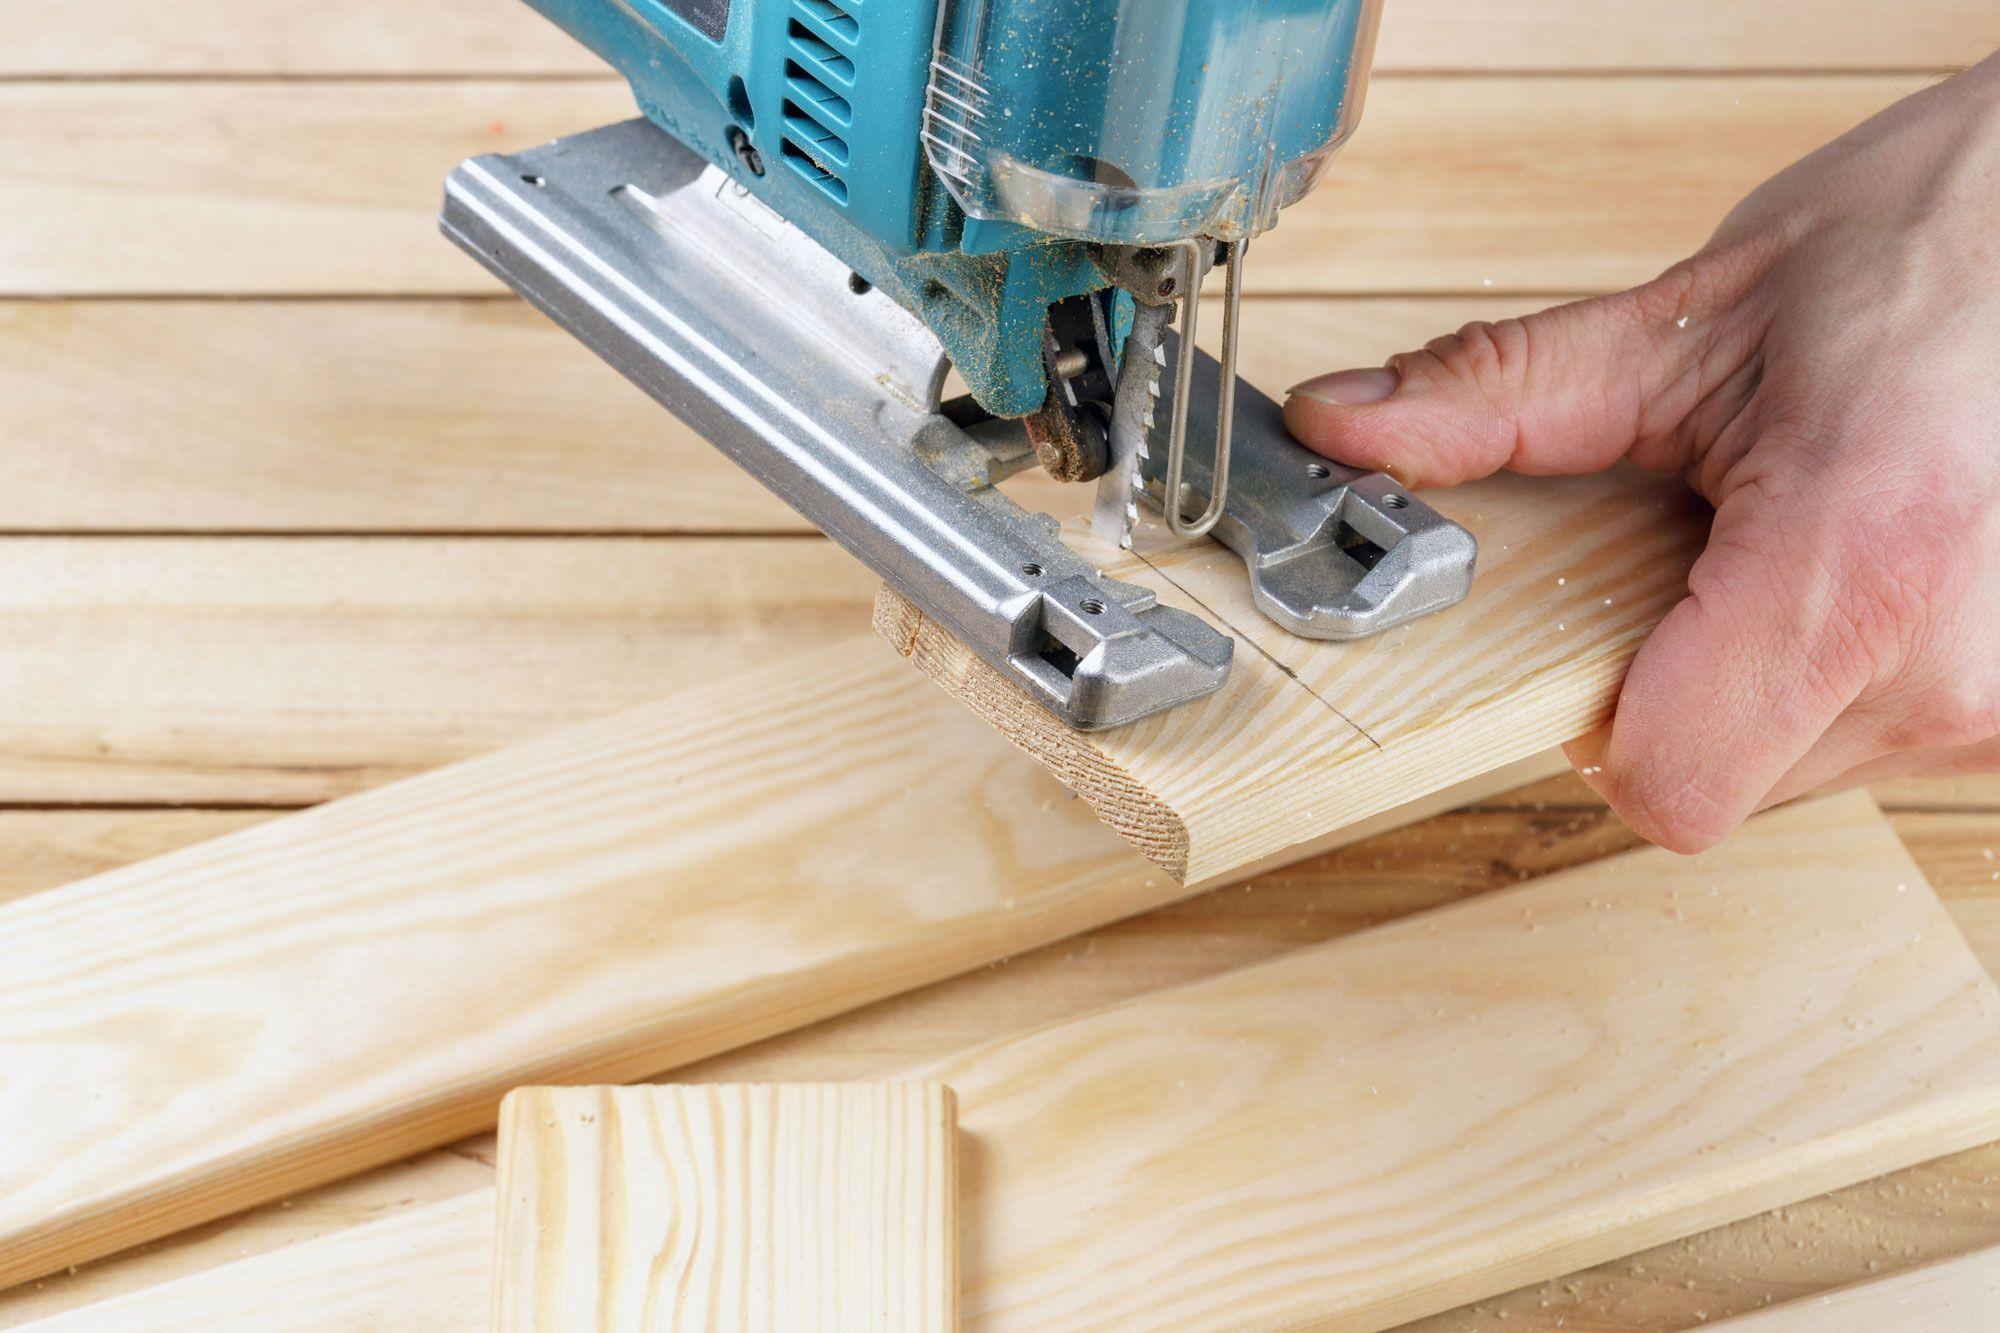 Qu hoja de sierra utilizar dependiendo del material for Cortar madera con radial